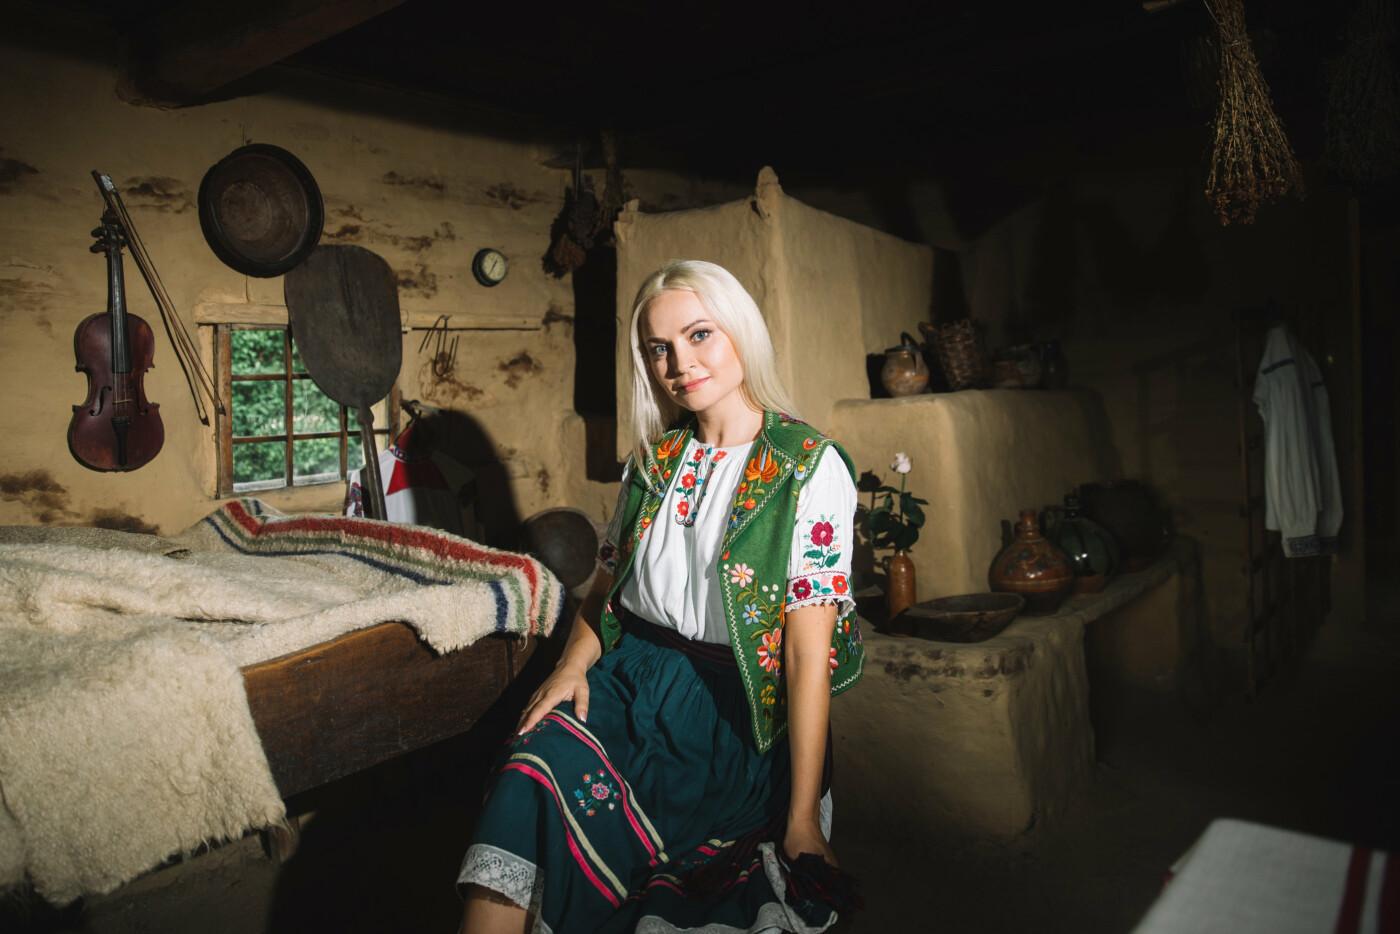 Історичне вбрання жінок Закарпаття презентували в сучасних образах (ФОТО, ВІДЕО), фото-3